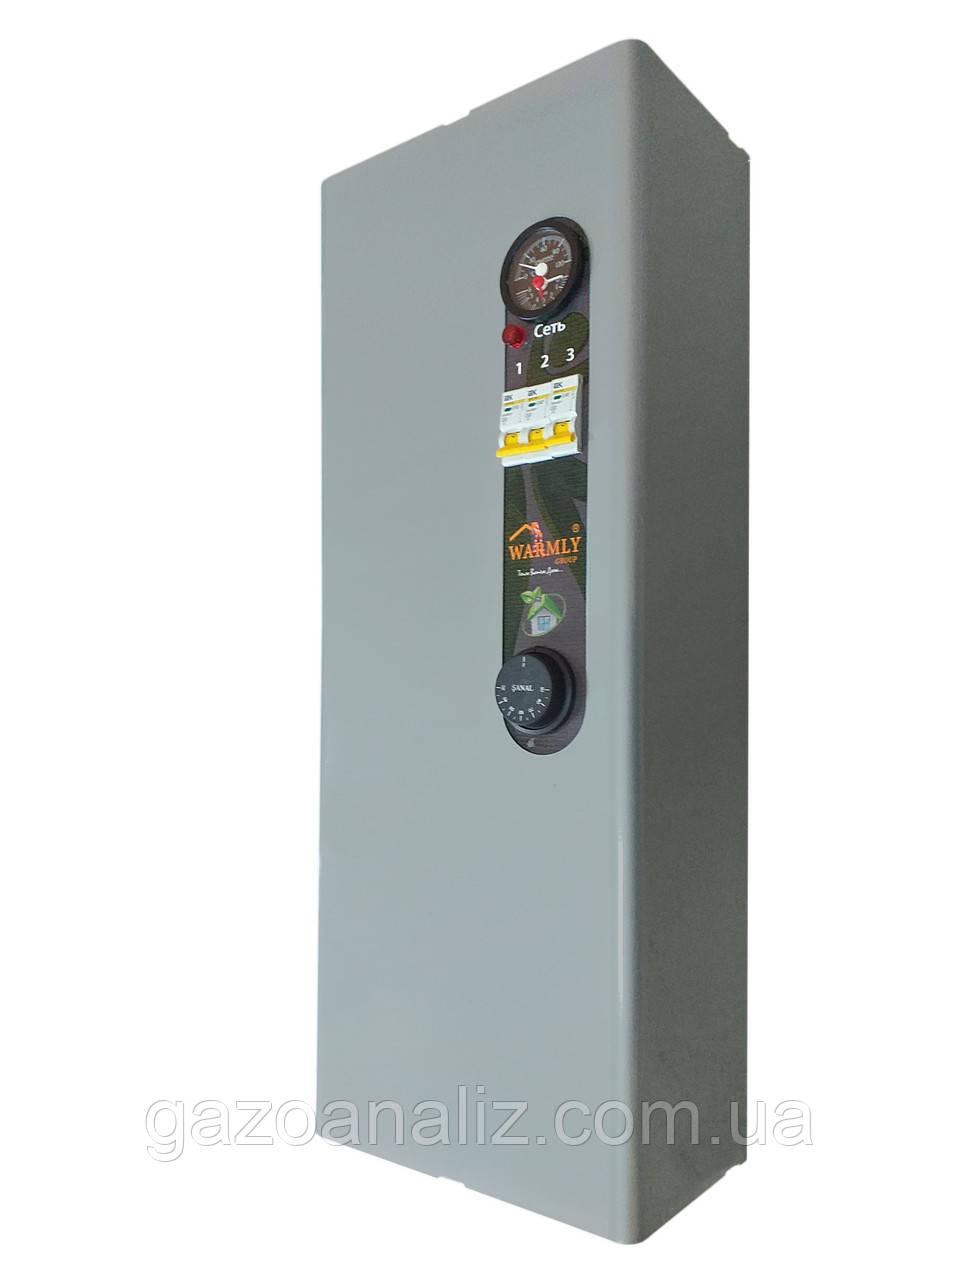 Электрокотел Warmly Classik MG 4,5 кВт  220в/380в. Модульный контактор (т.х)